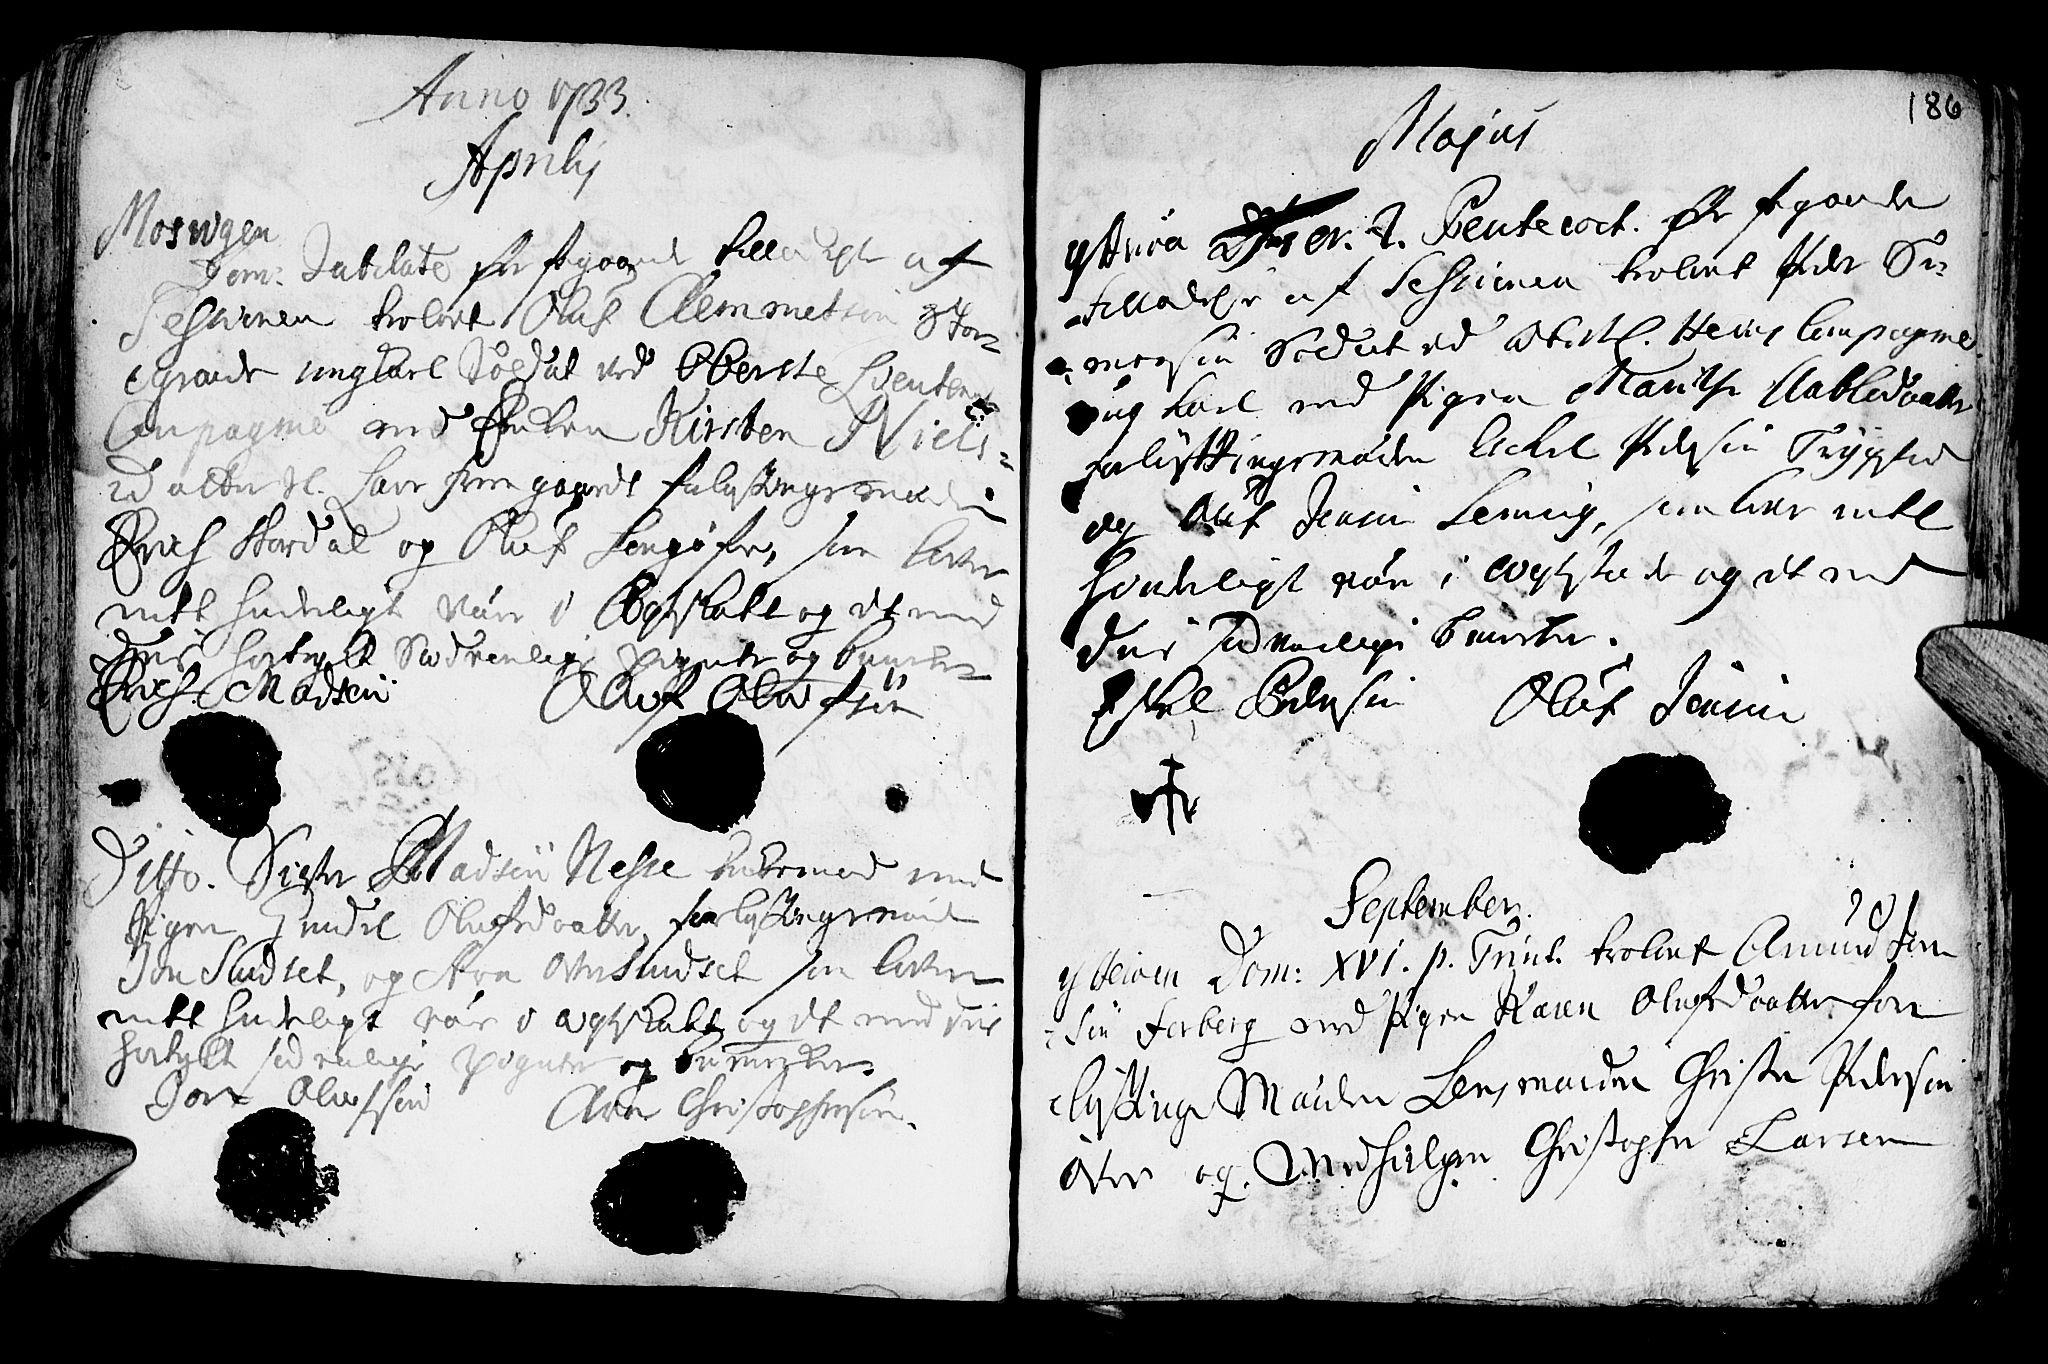 SAT, Ministerialprotokoller, klokkerbøker og fødselsregistre - Nord-Trøndelag, 722/L0215: Ministerialbok nr. 722A02, 1718-1755, s. 186